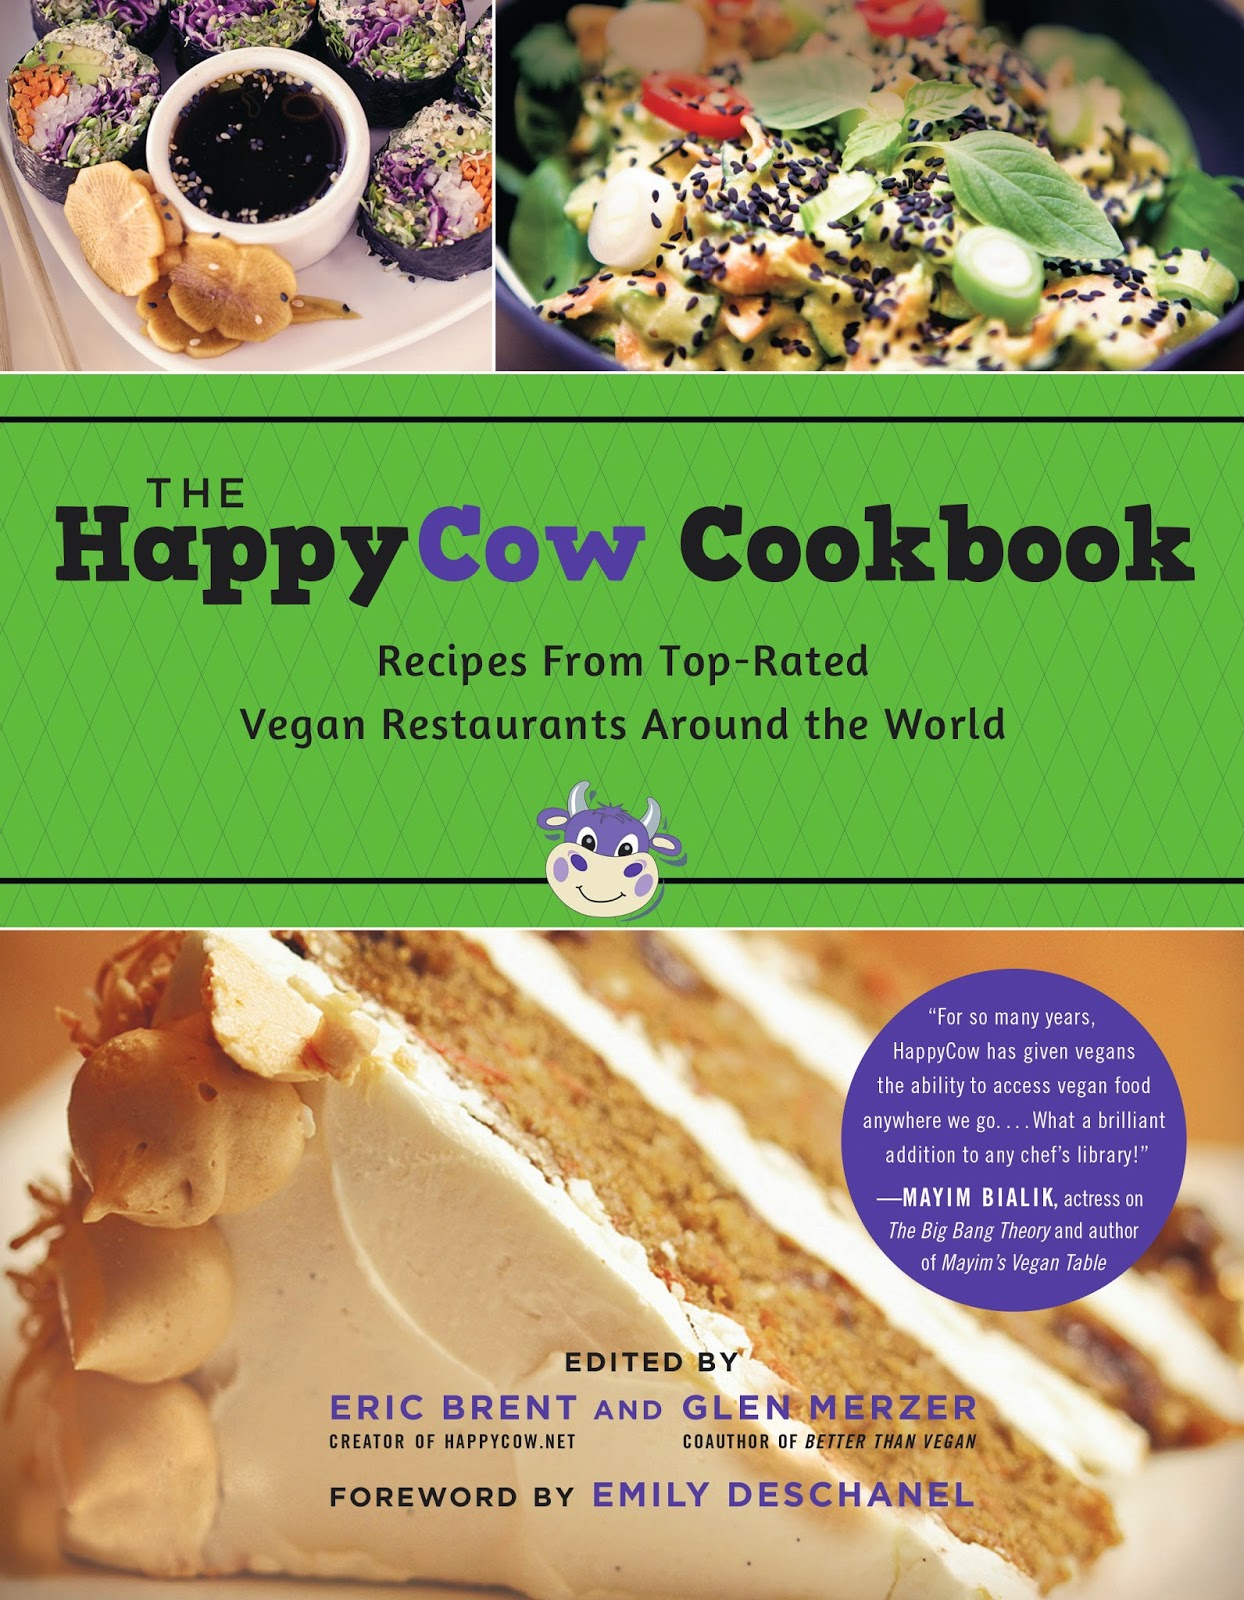 The HappyCow Cookbook (#Vegan)